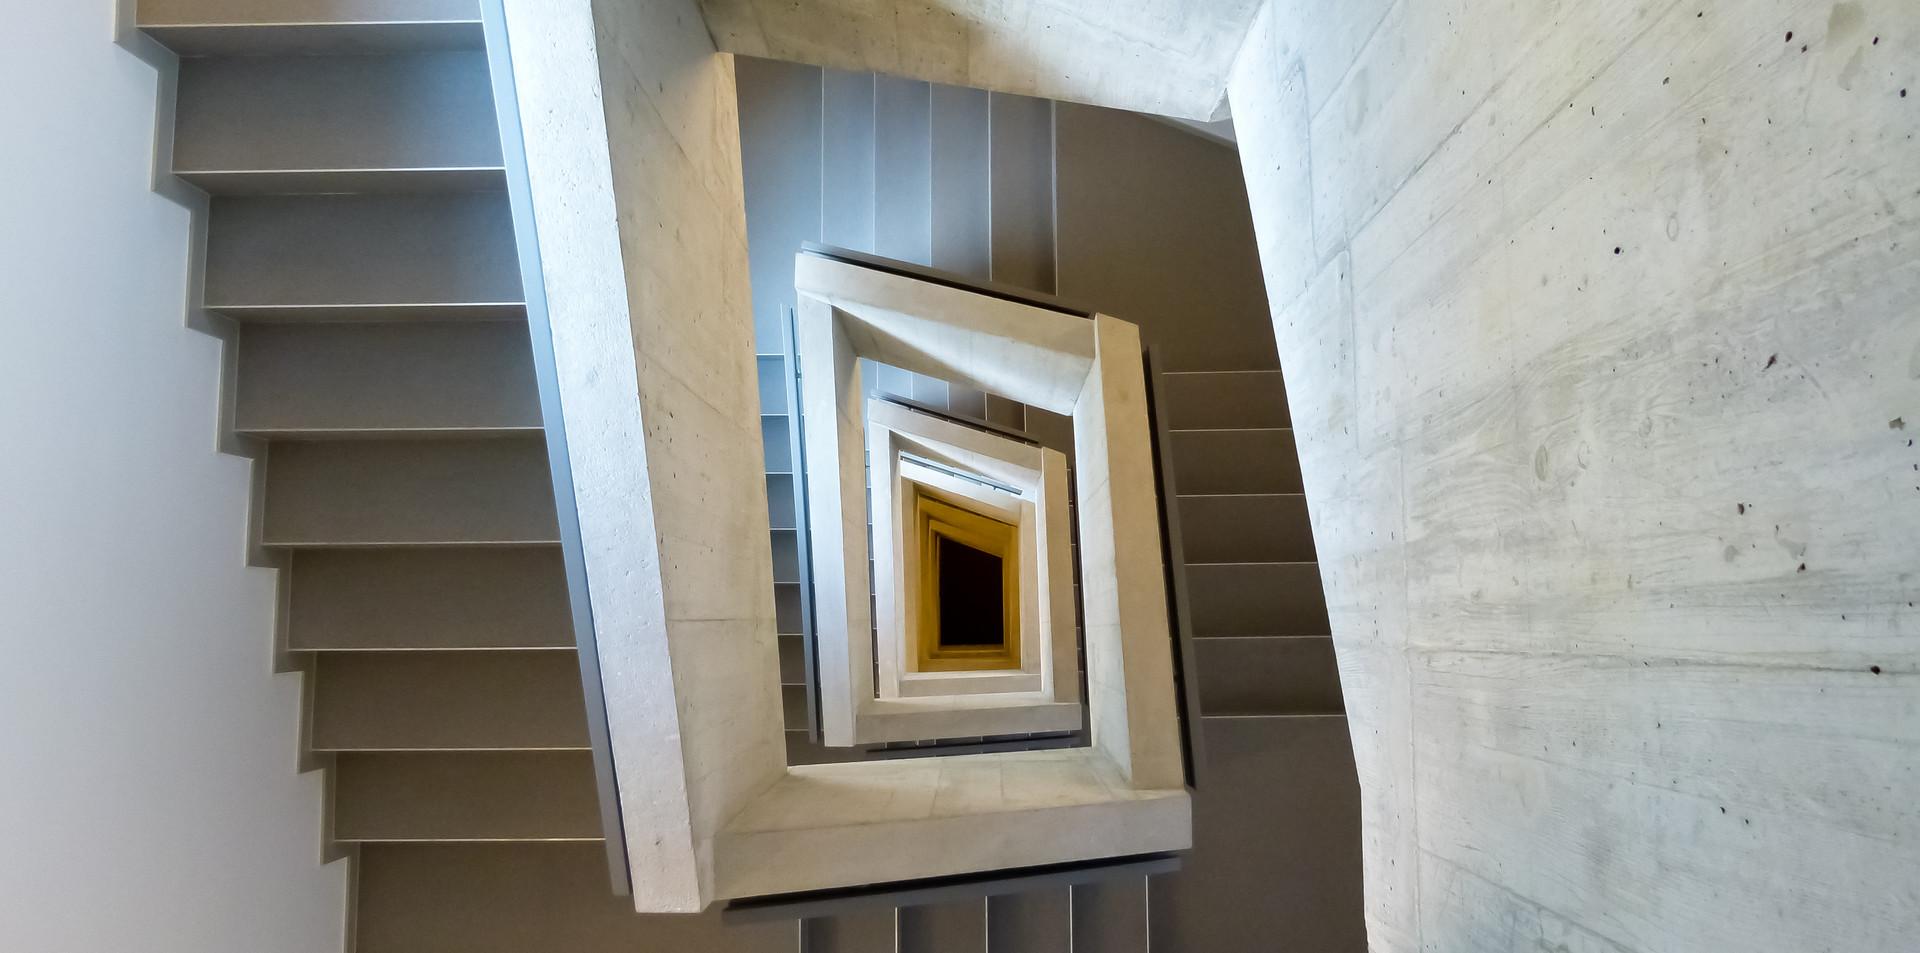 Corrimano per scale